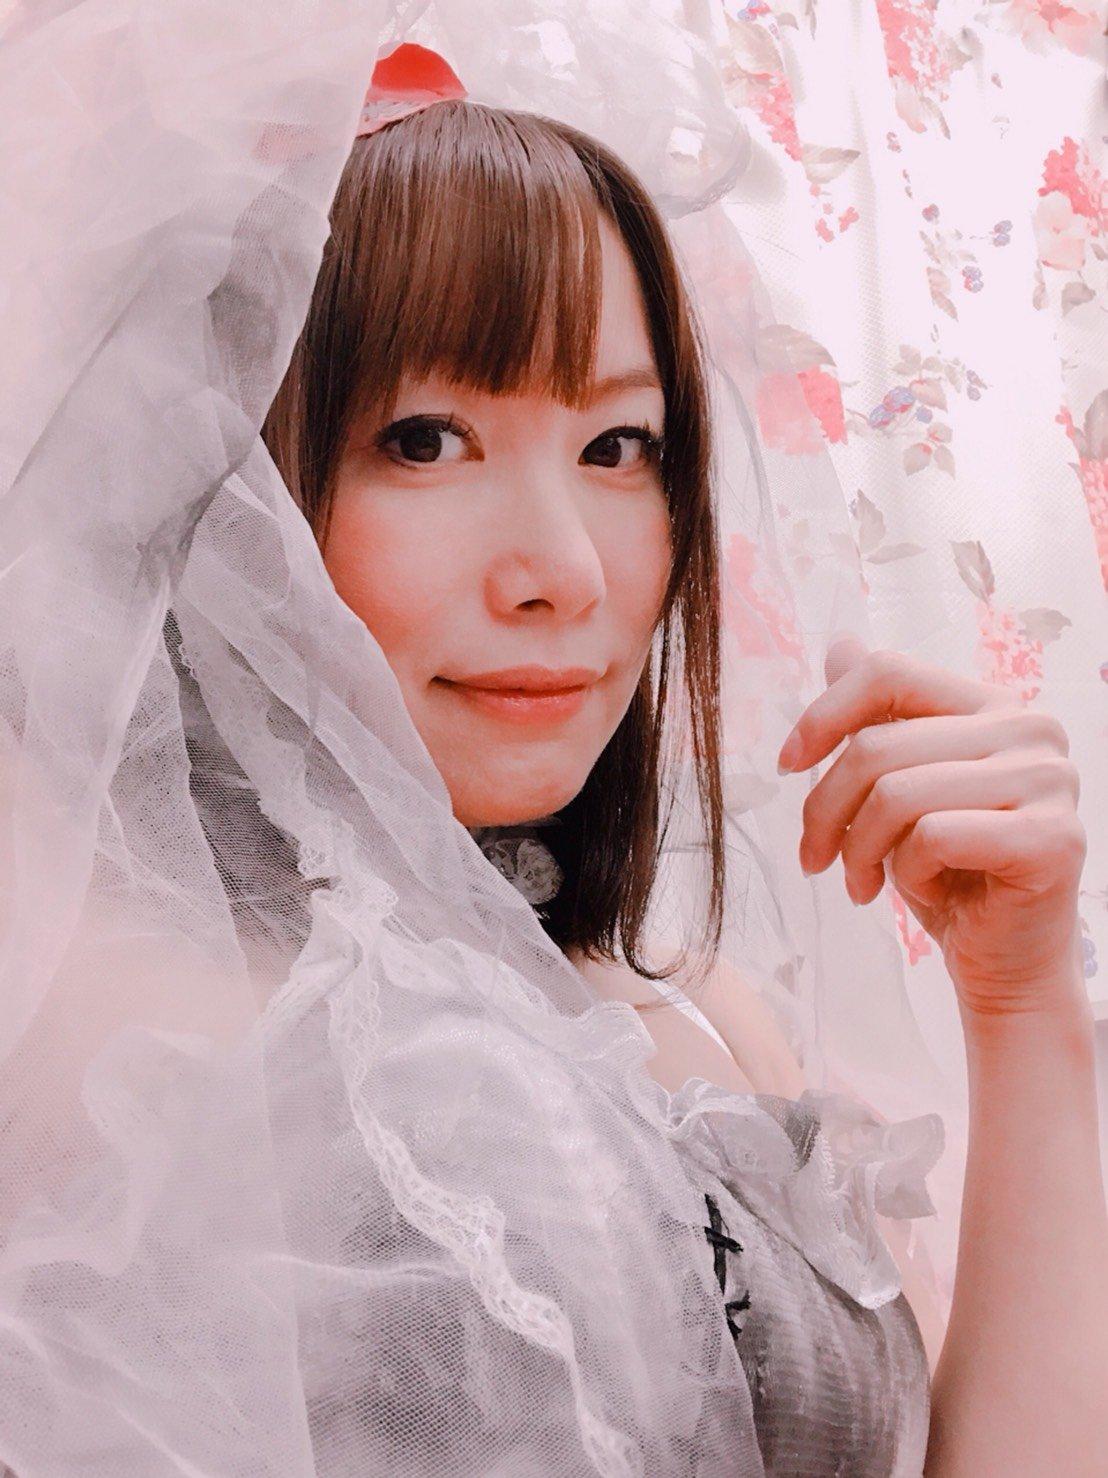 はっぴーはろうぃん❤今年のはろうぃん衣装はゾンビ花嫁…